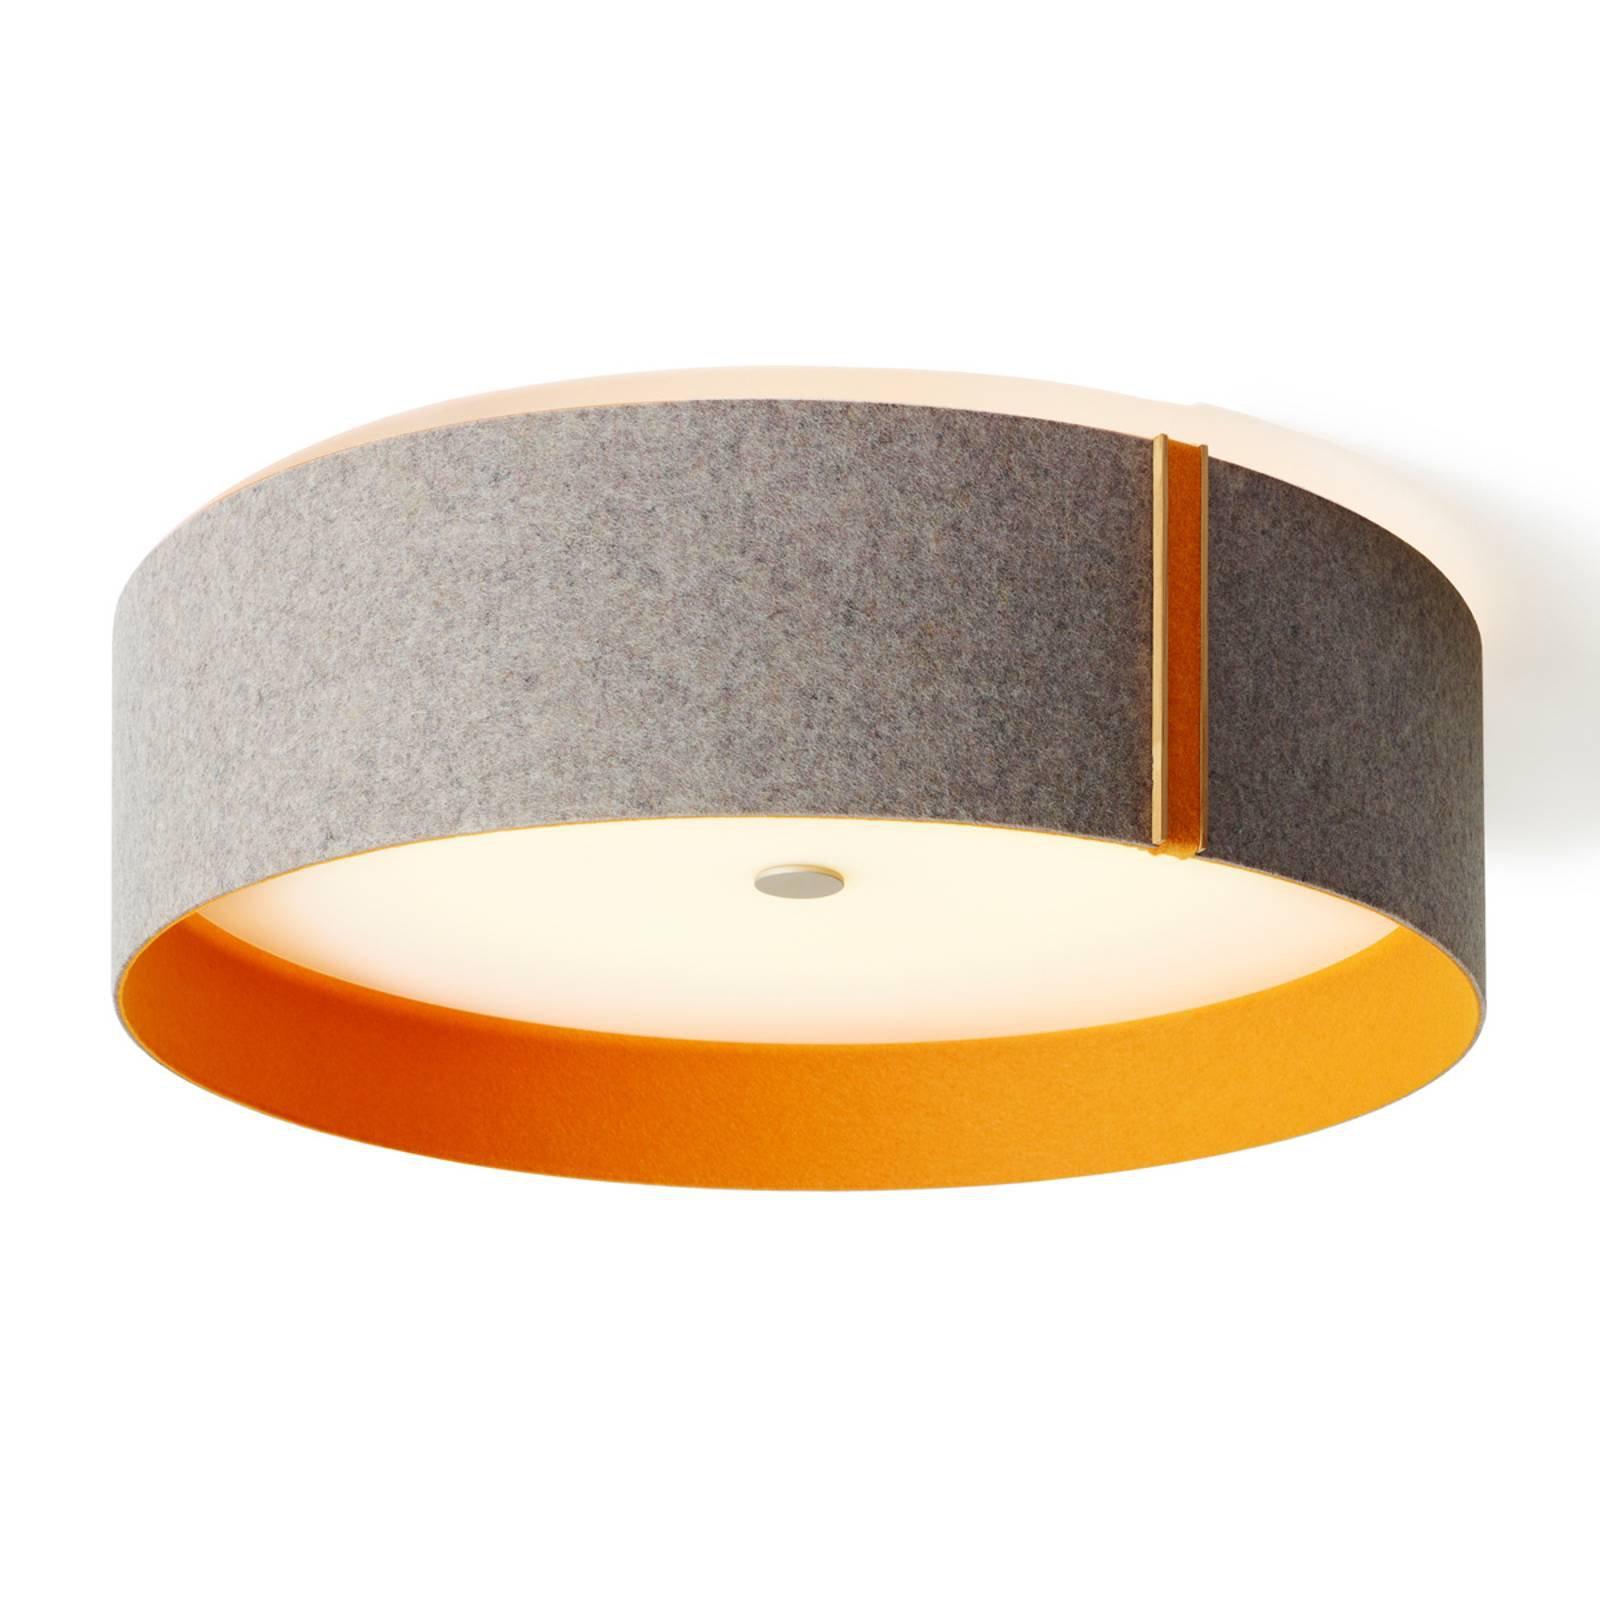 Lara felt – taklampe i filt med LED, grå, oransje